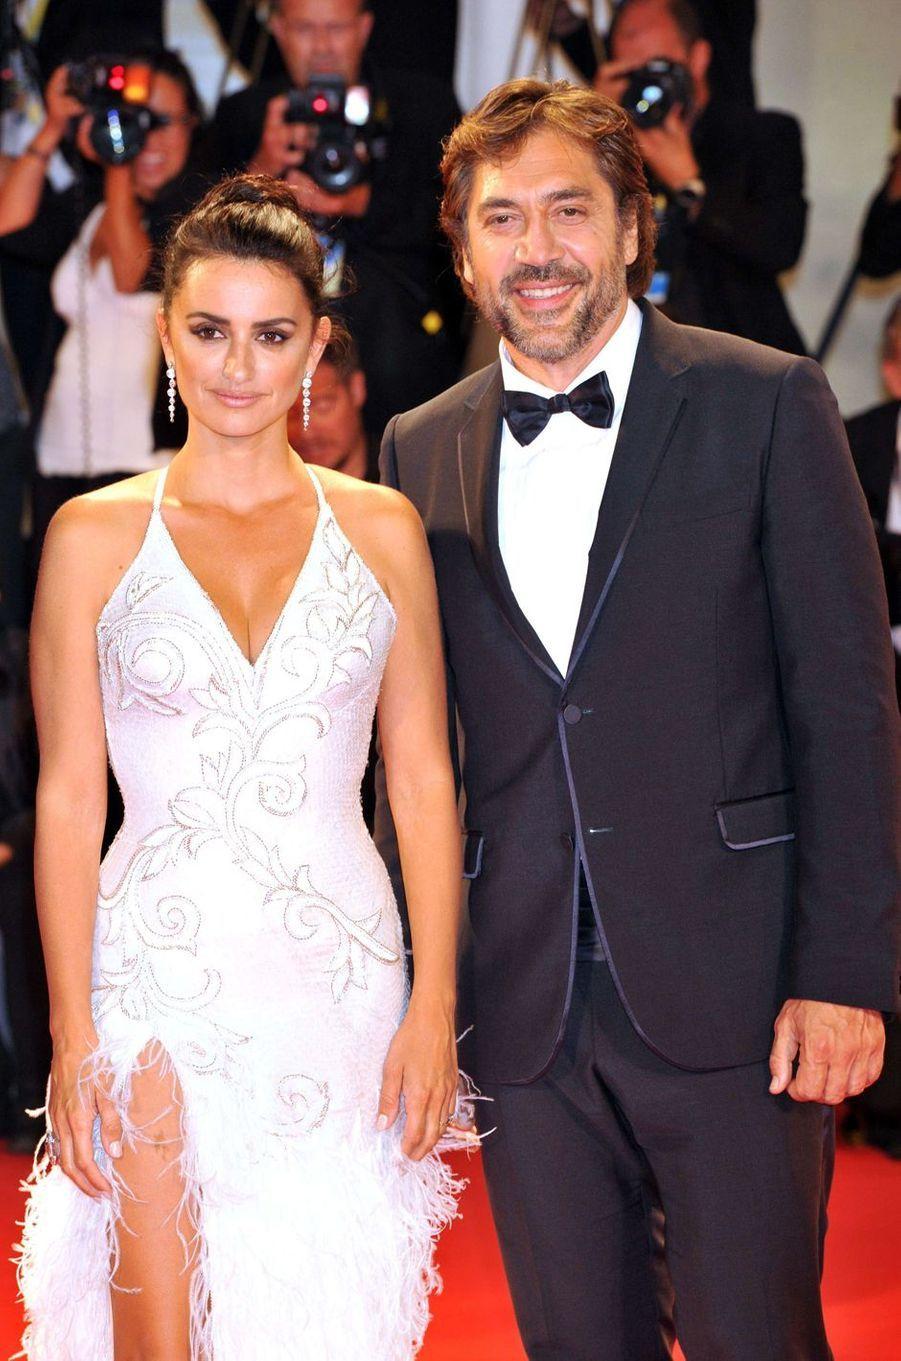 Penélope Cruz et Javier Bardem à la Mostra de Venise, le 6 septembre 2017.